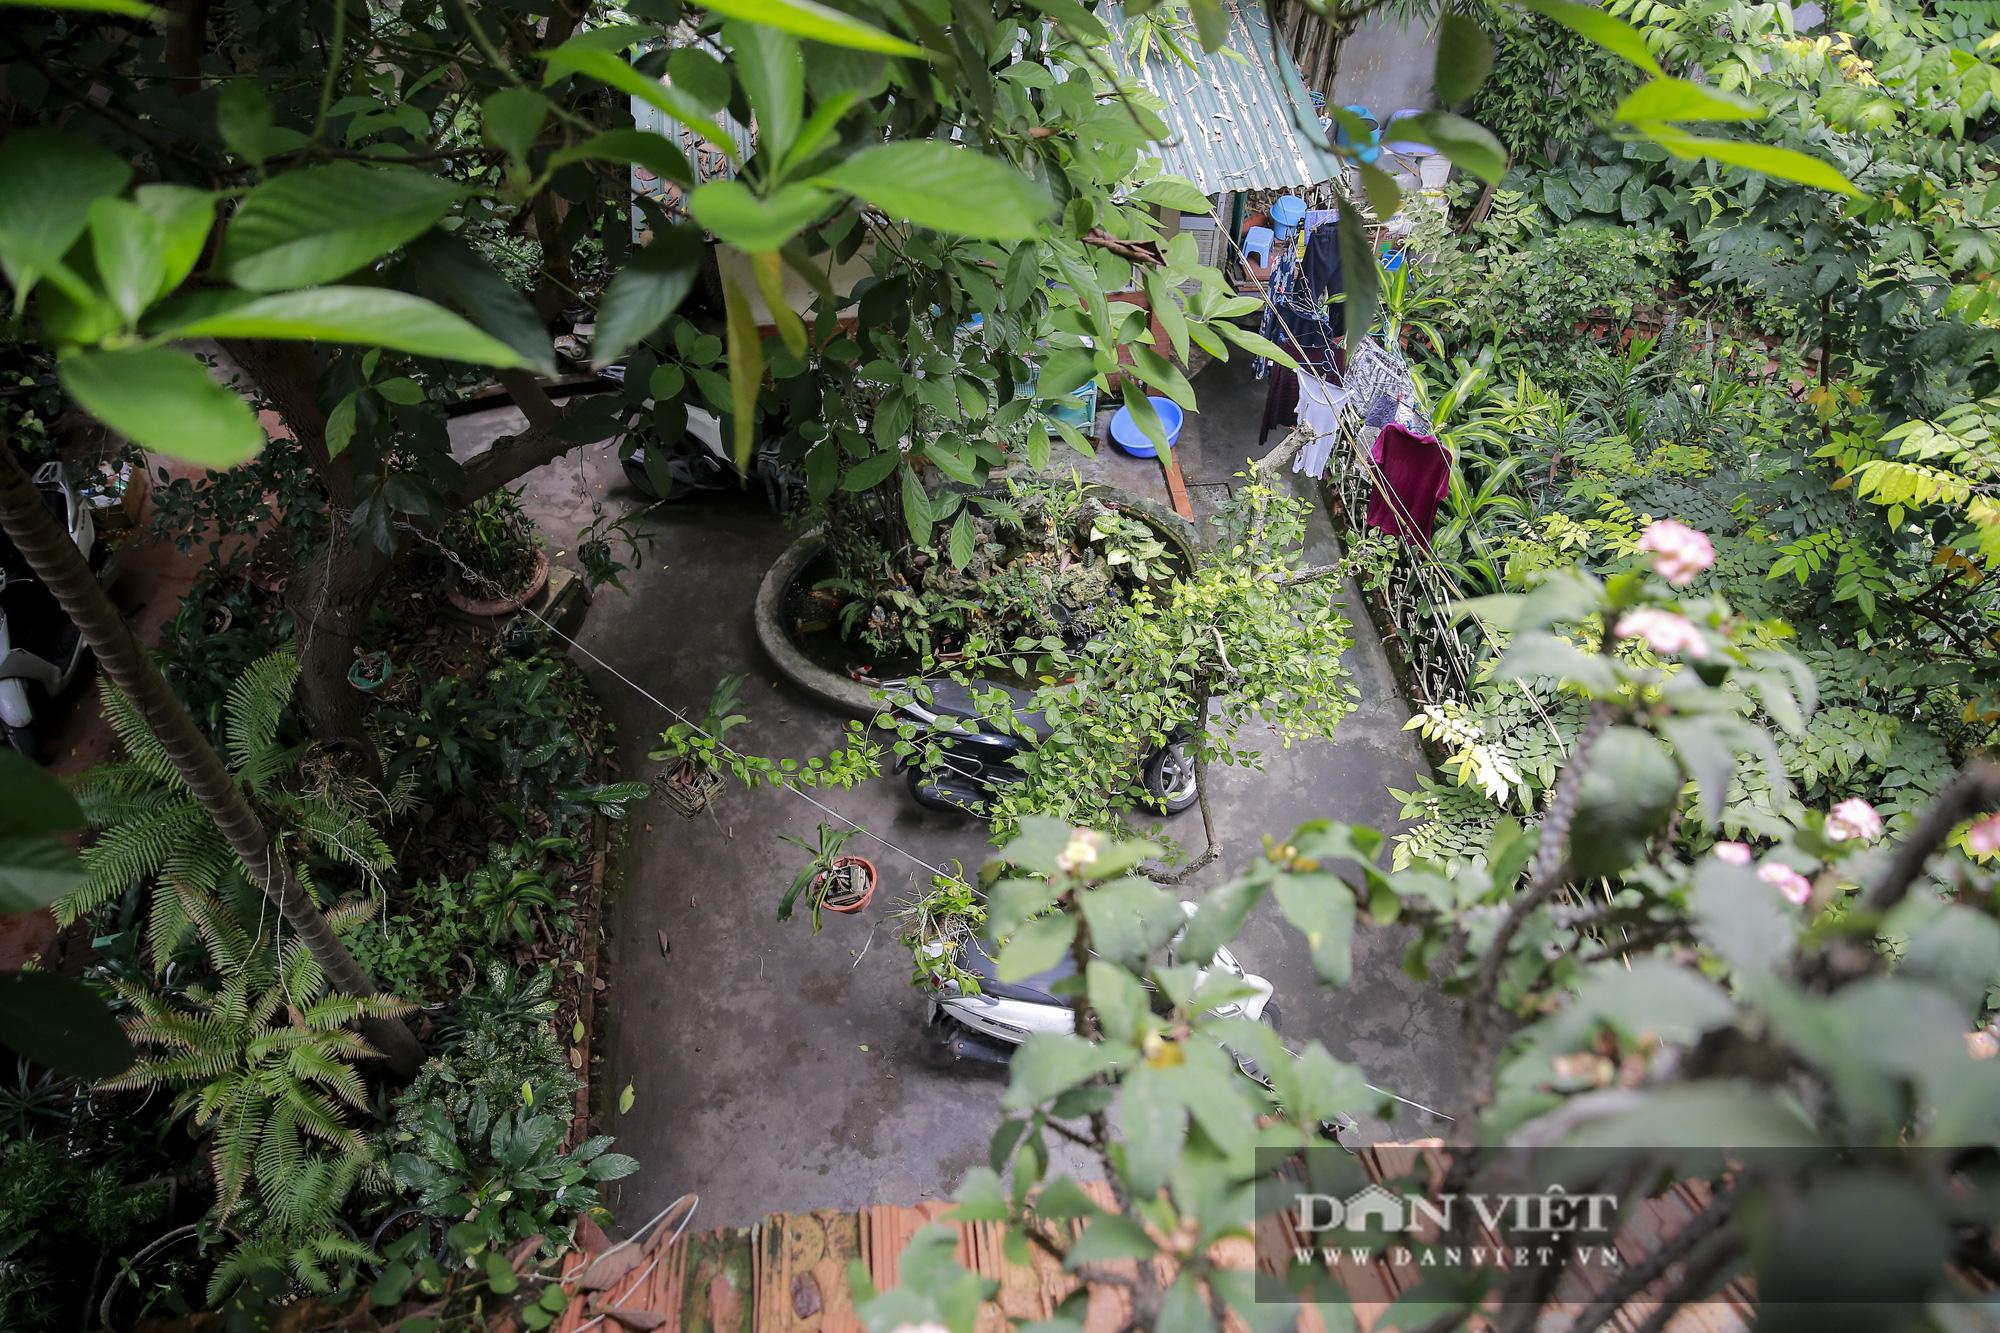 Khám phá ngôi nhà vườn xuyên phố duy nhất ở phố cổ Hà Nội - Ảnh 14.